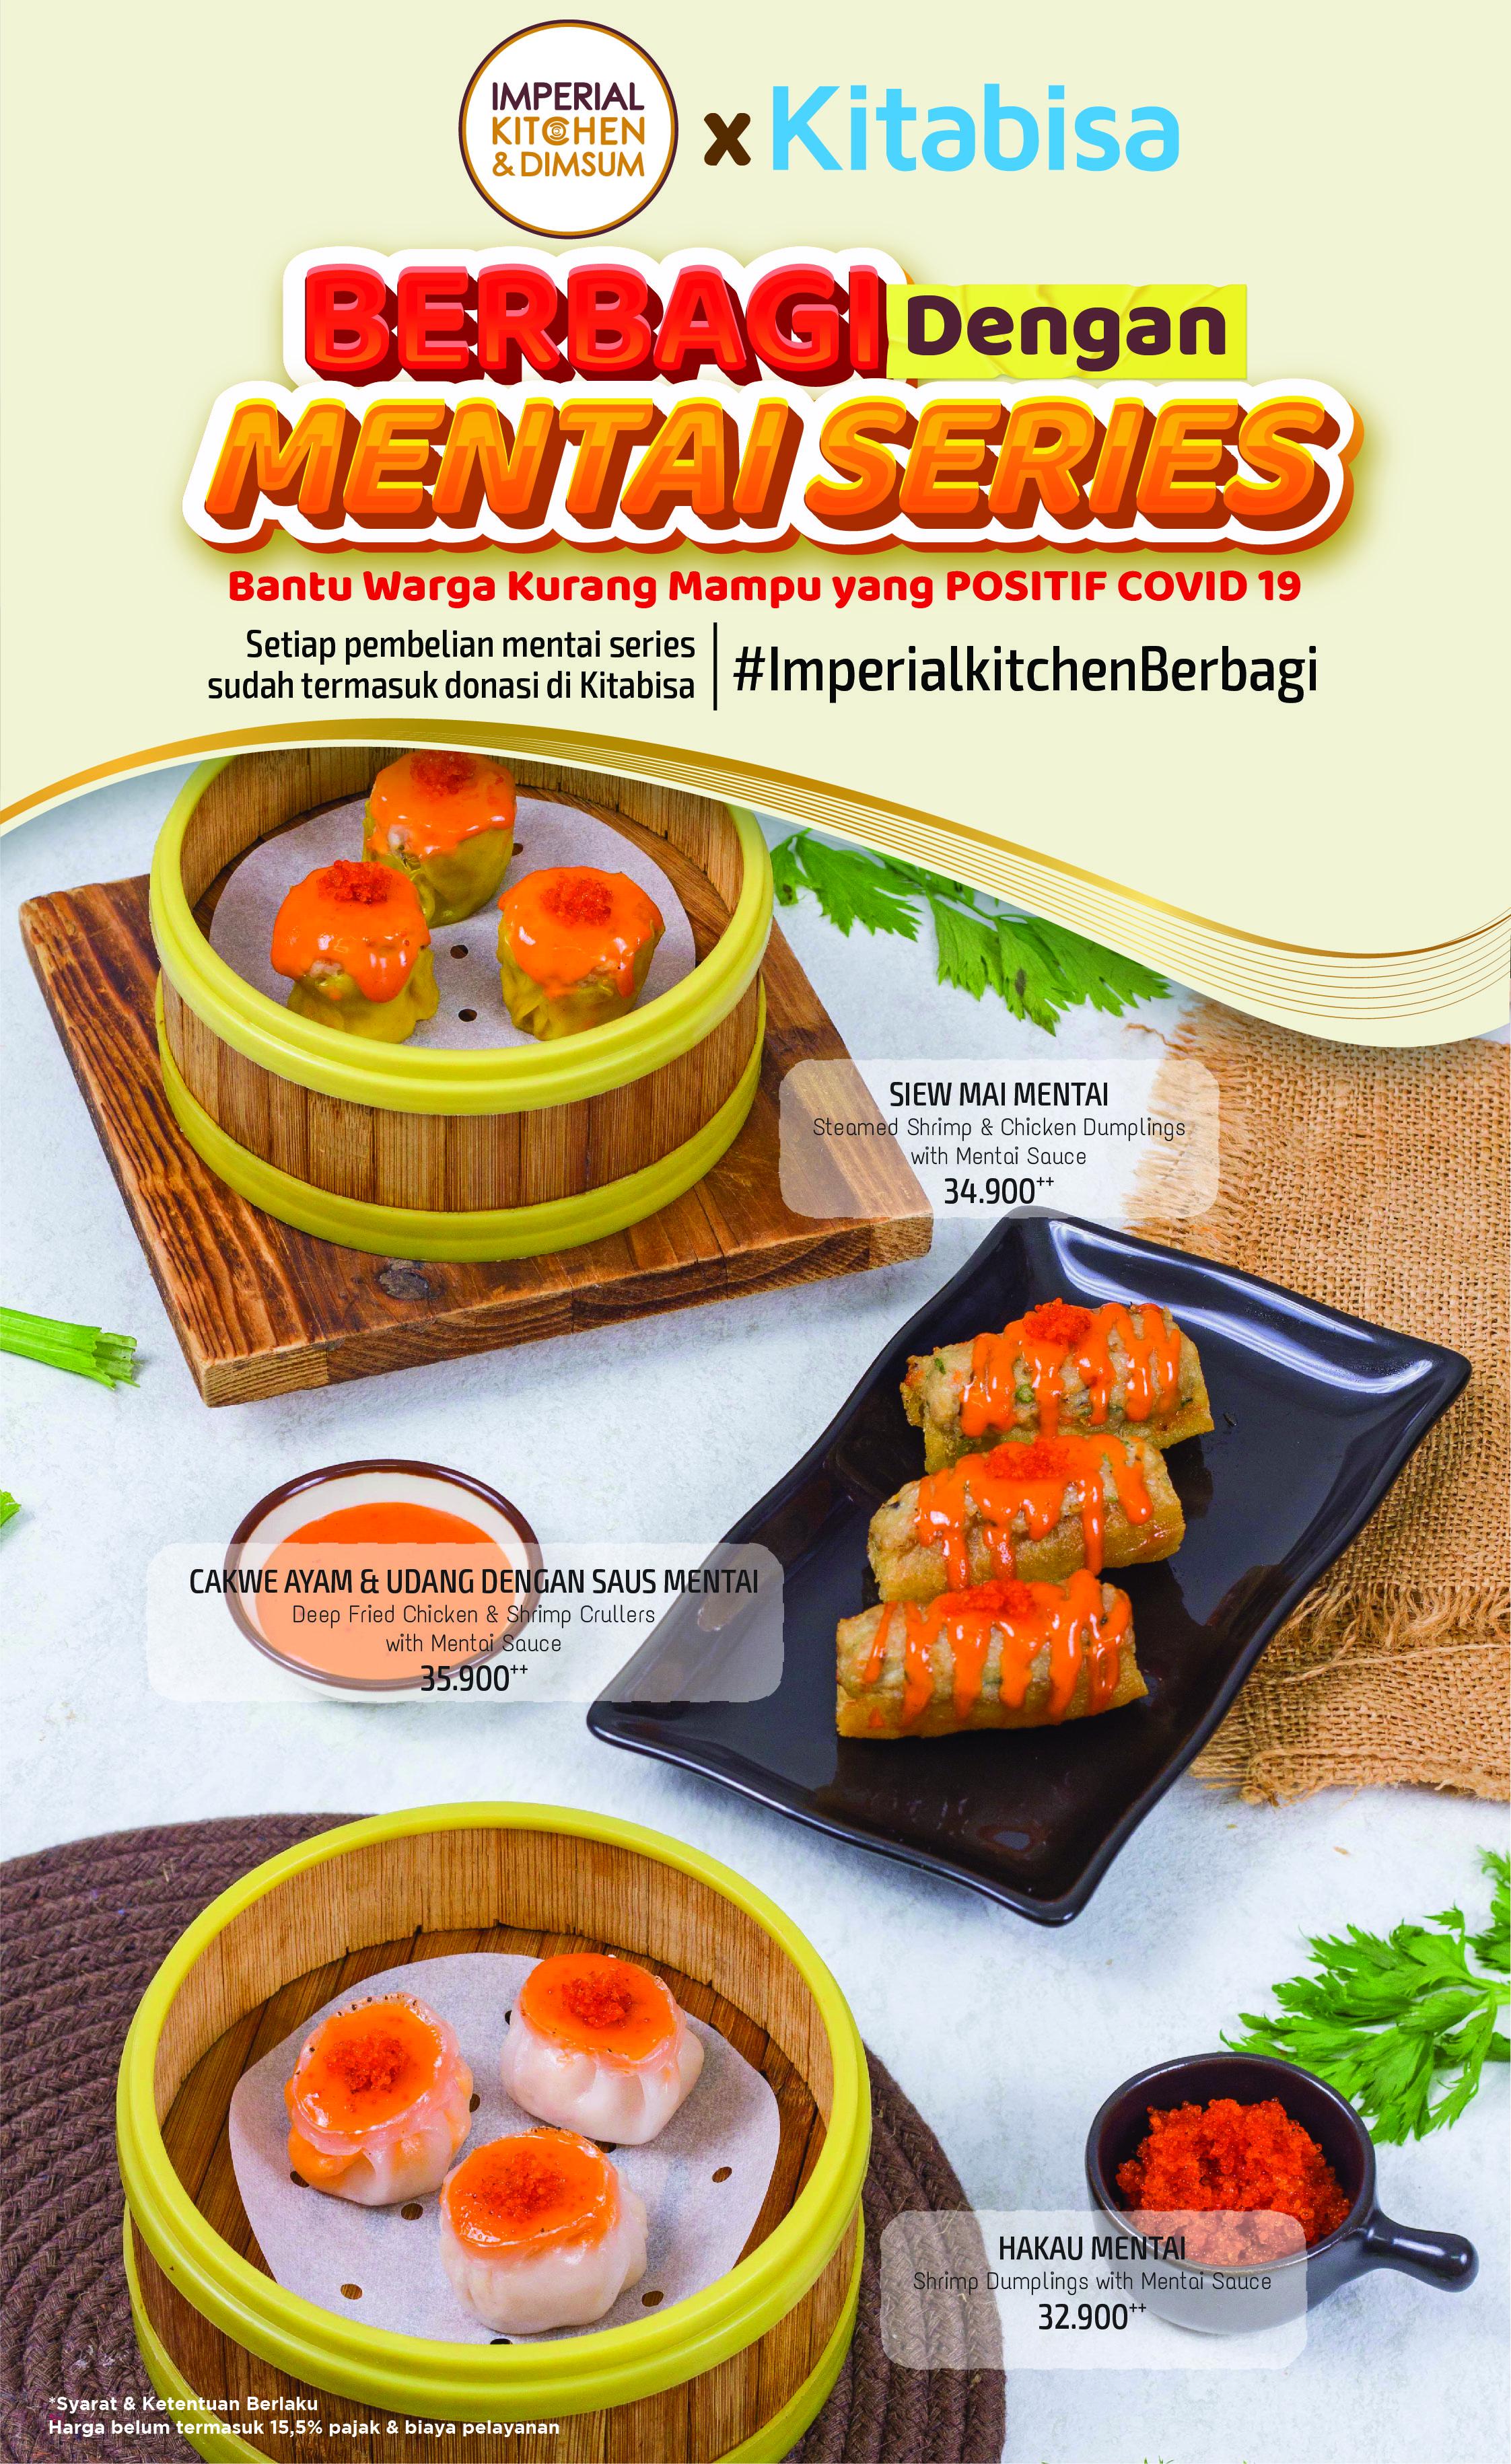 Imperial Kitchen - Mentai Series